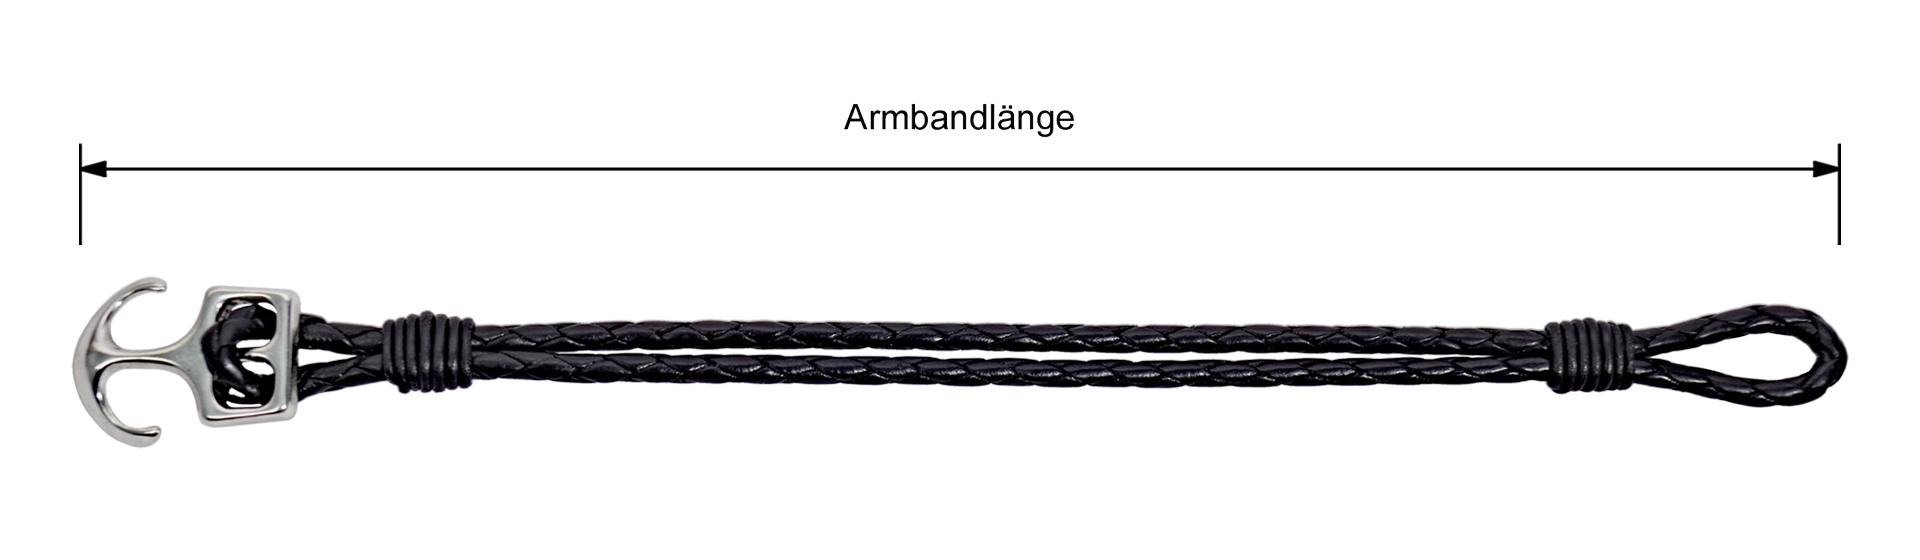 SKONIDA Nordic Design Jewellery and Accessoires maritim Wie ermittel ich meine Armbandlänge groessenhinweis design armbänder